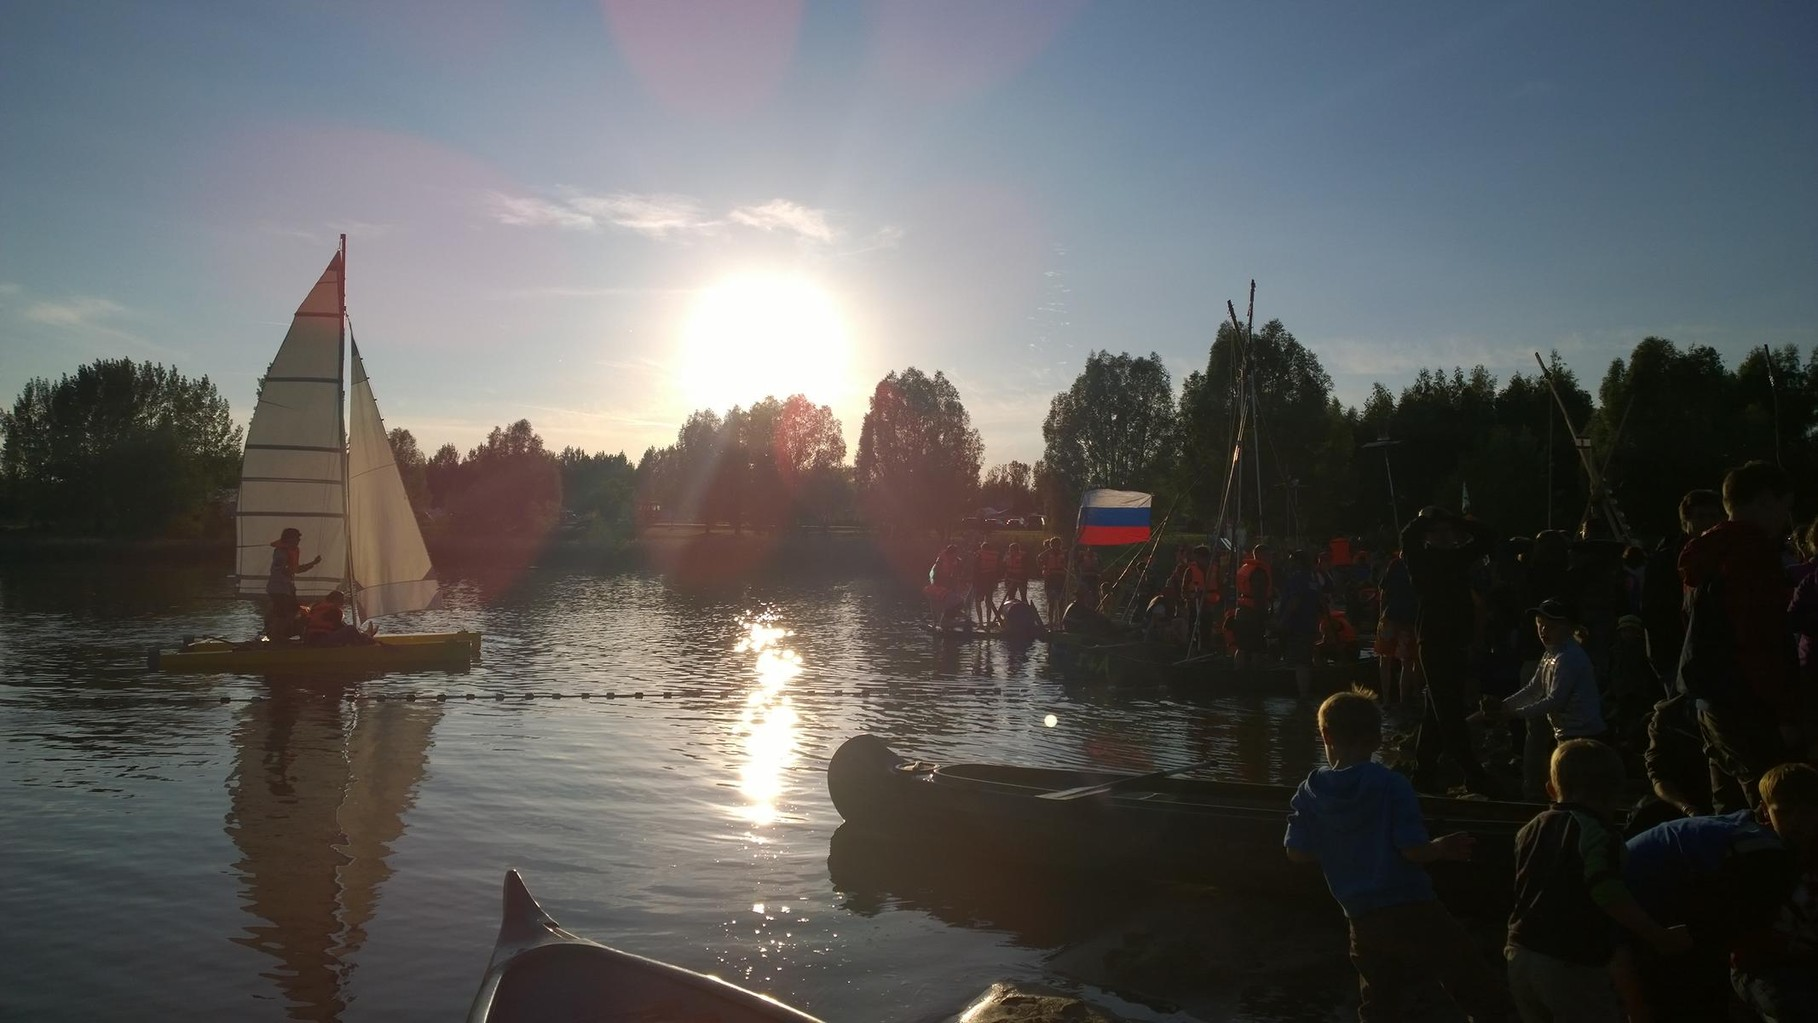 Himmelfahrtslager am Mondsee - Wassermeisterschaften der Olympischen Spiele